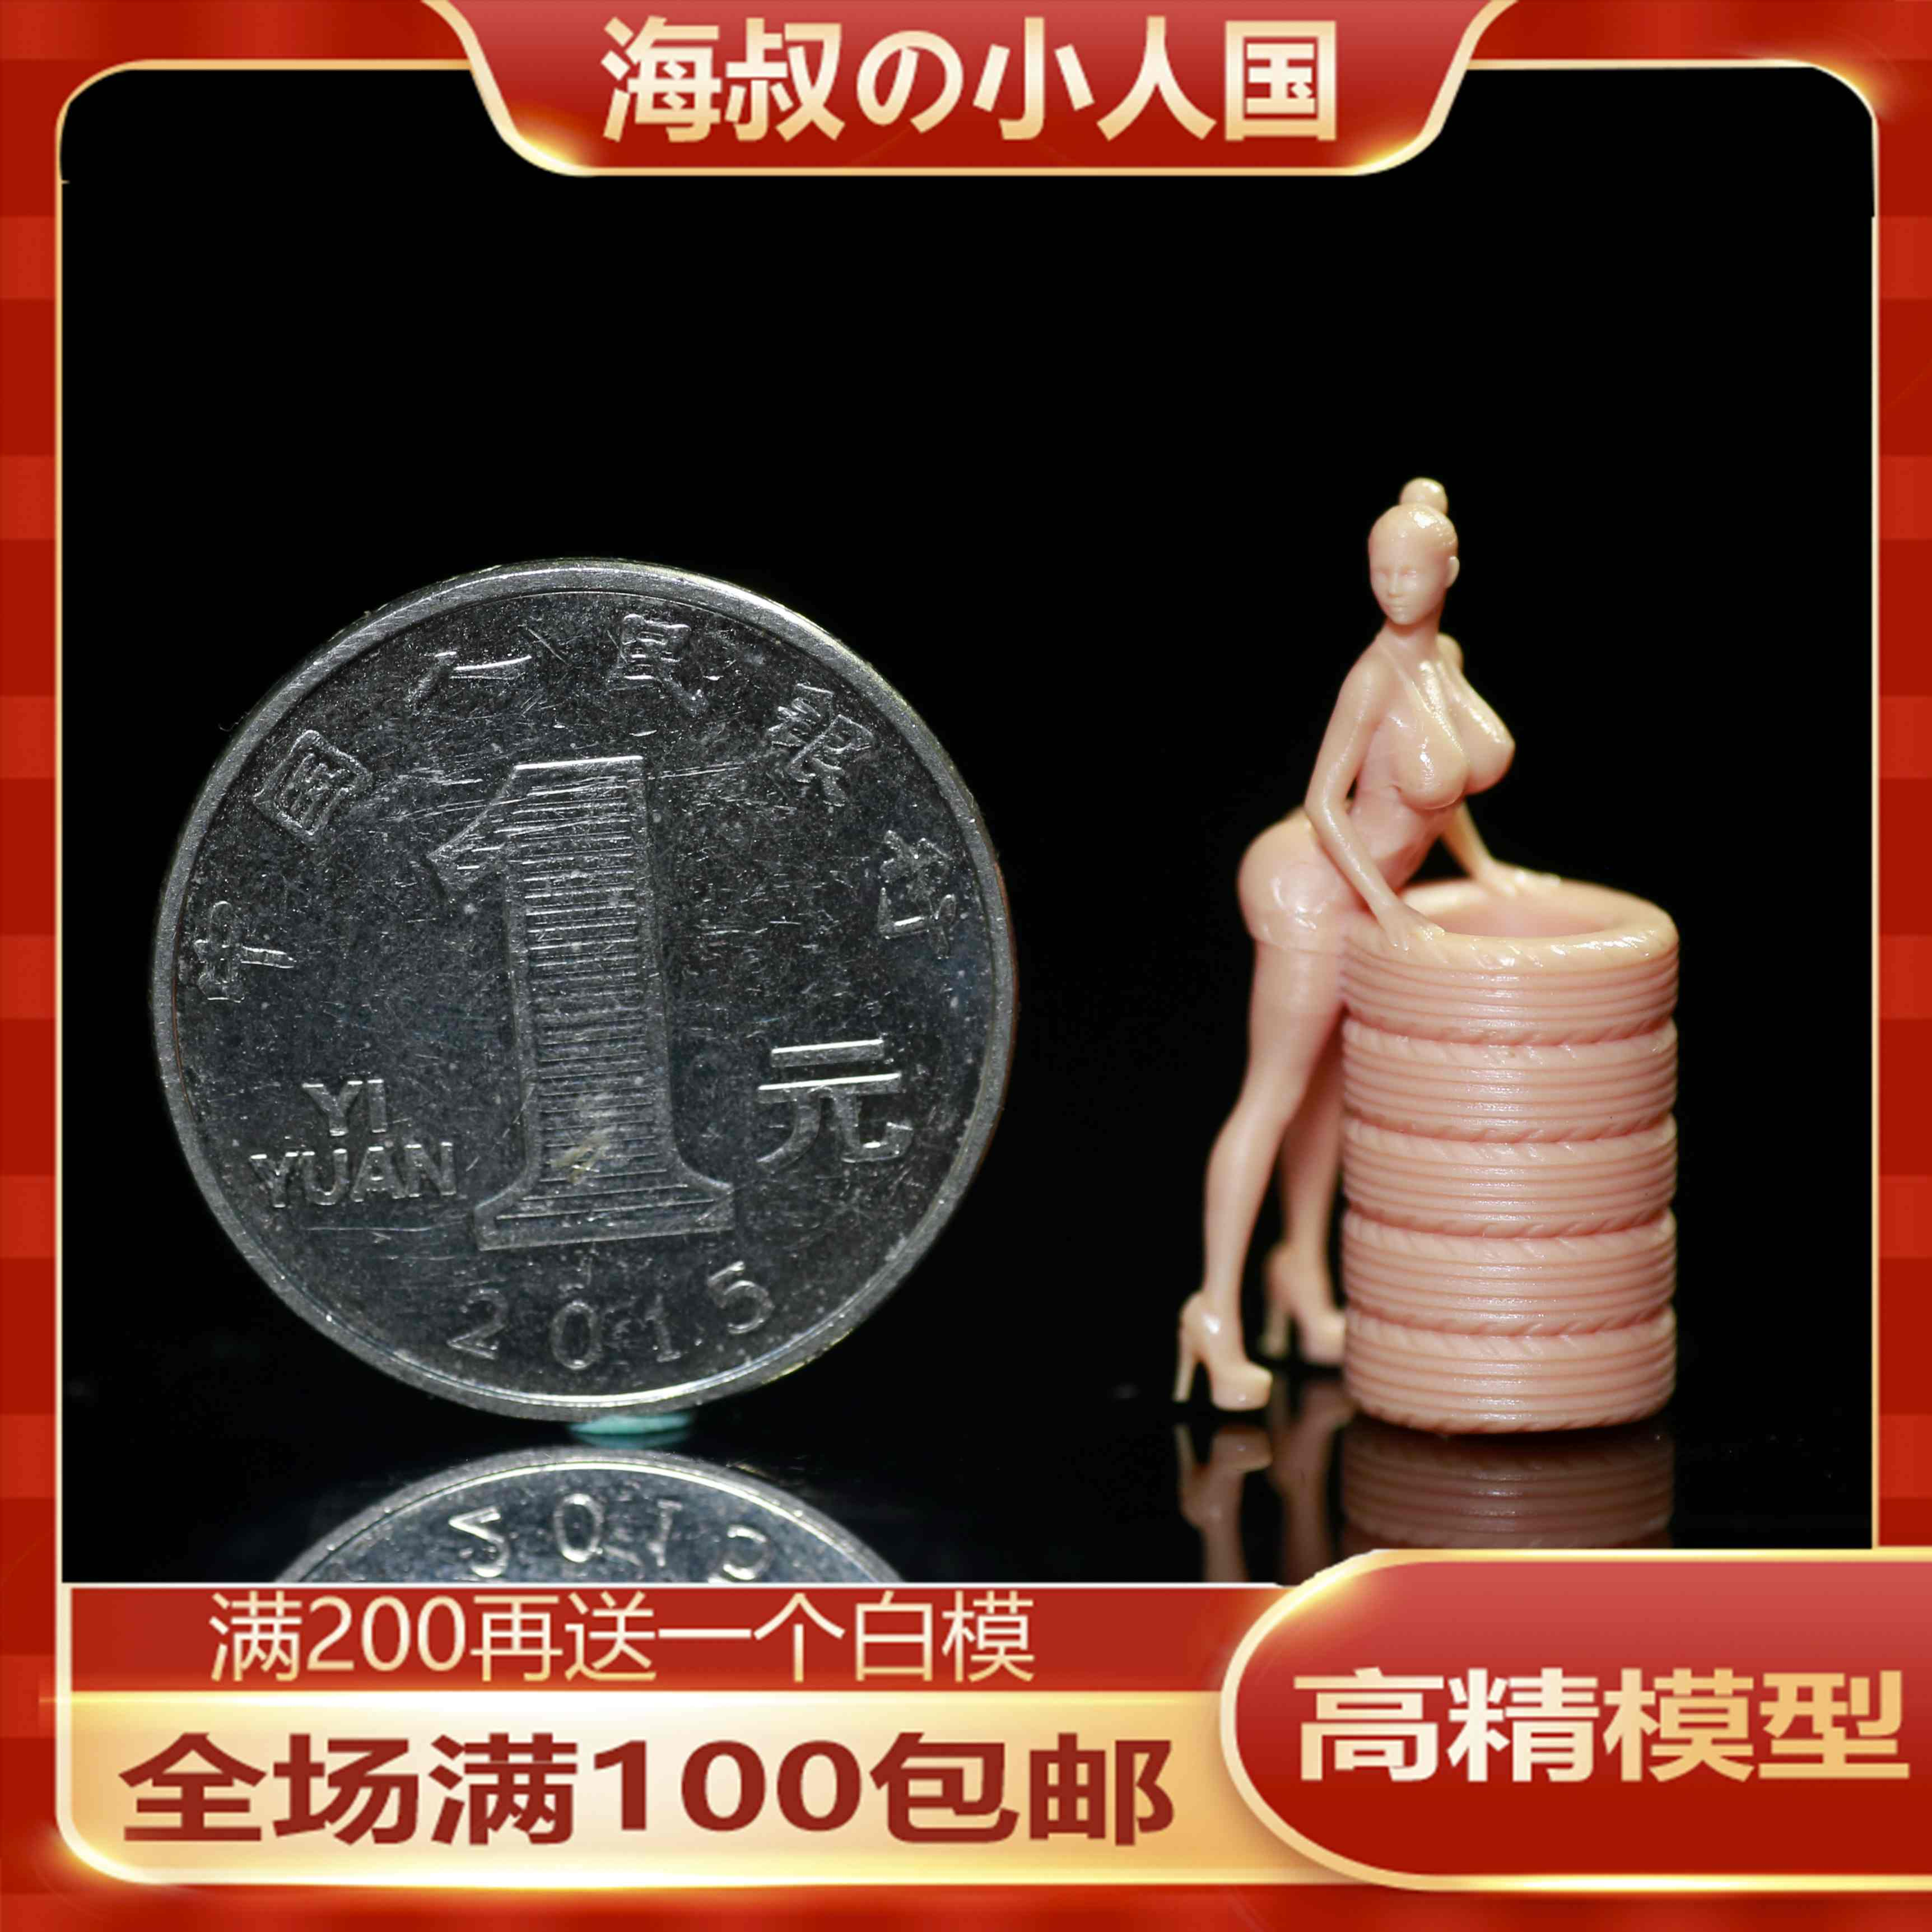 性感美女趴在輪胎上1/64 mini模型微縮創意沙盤小人